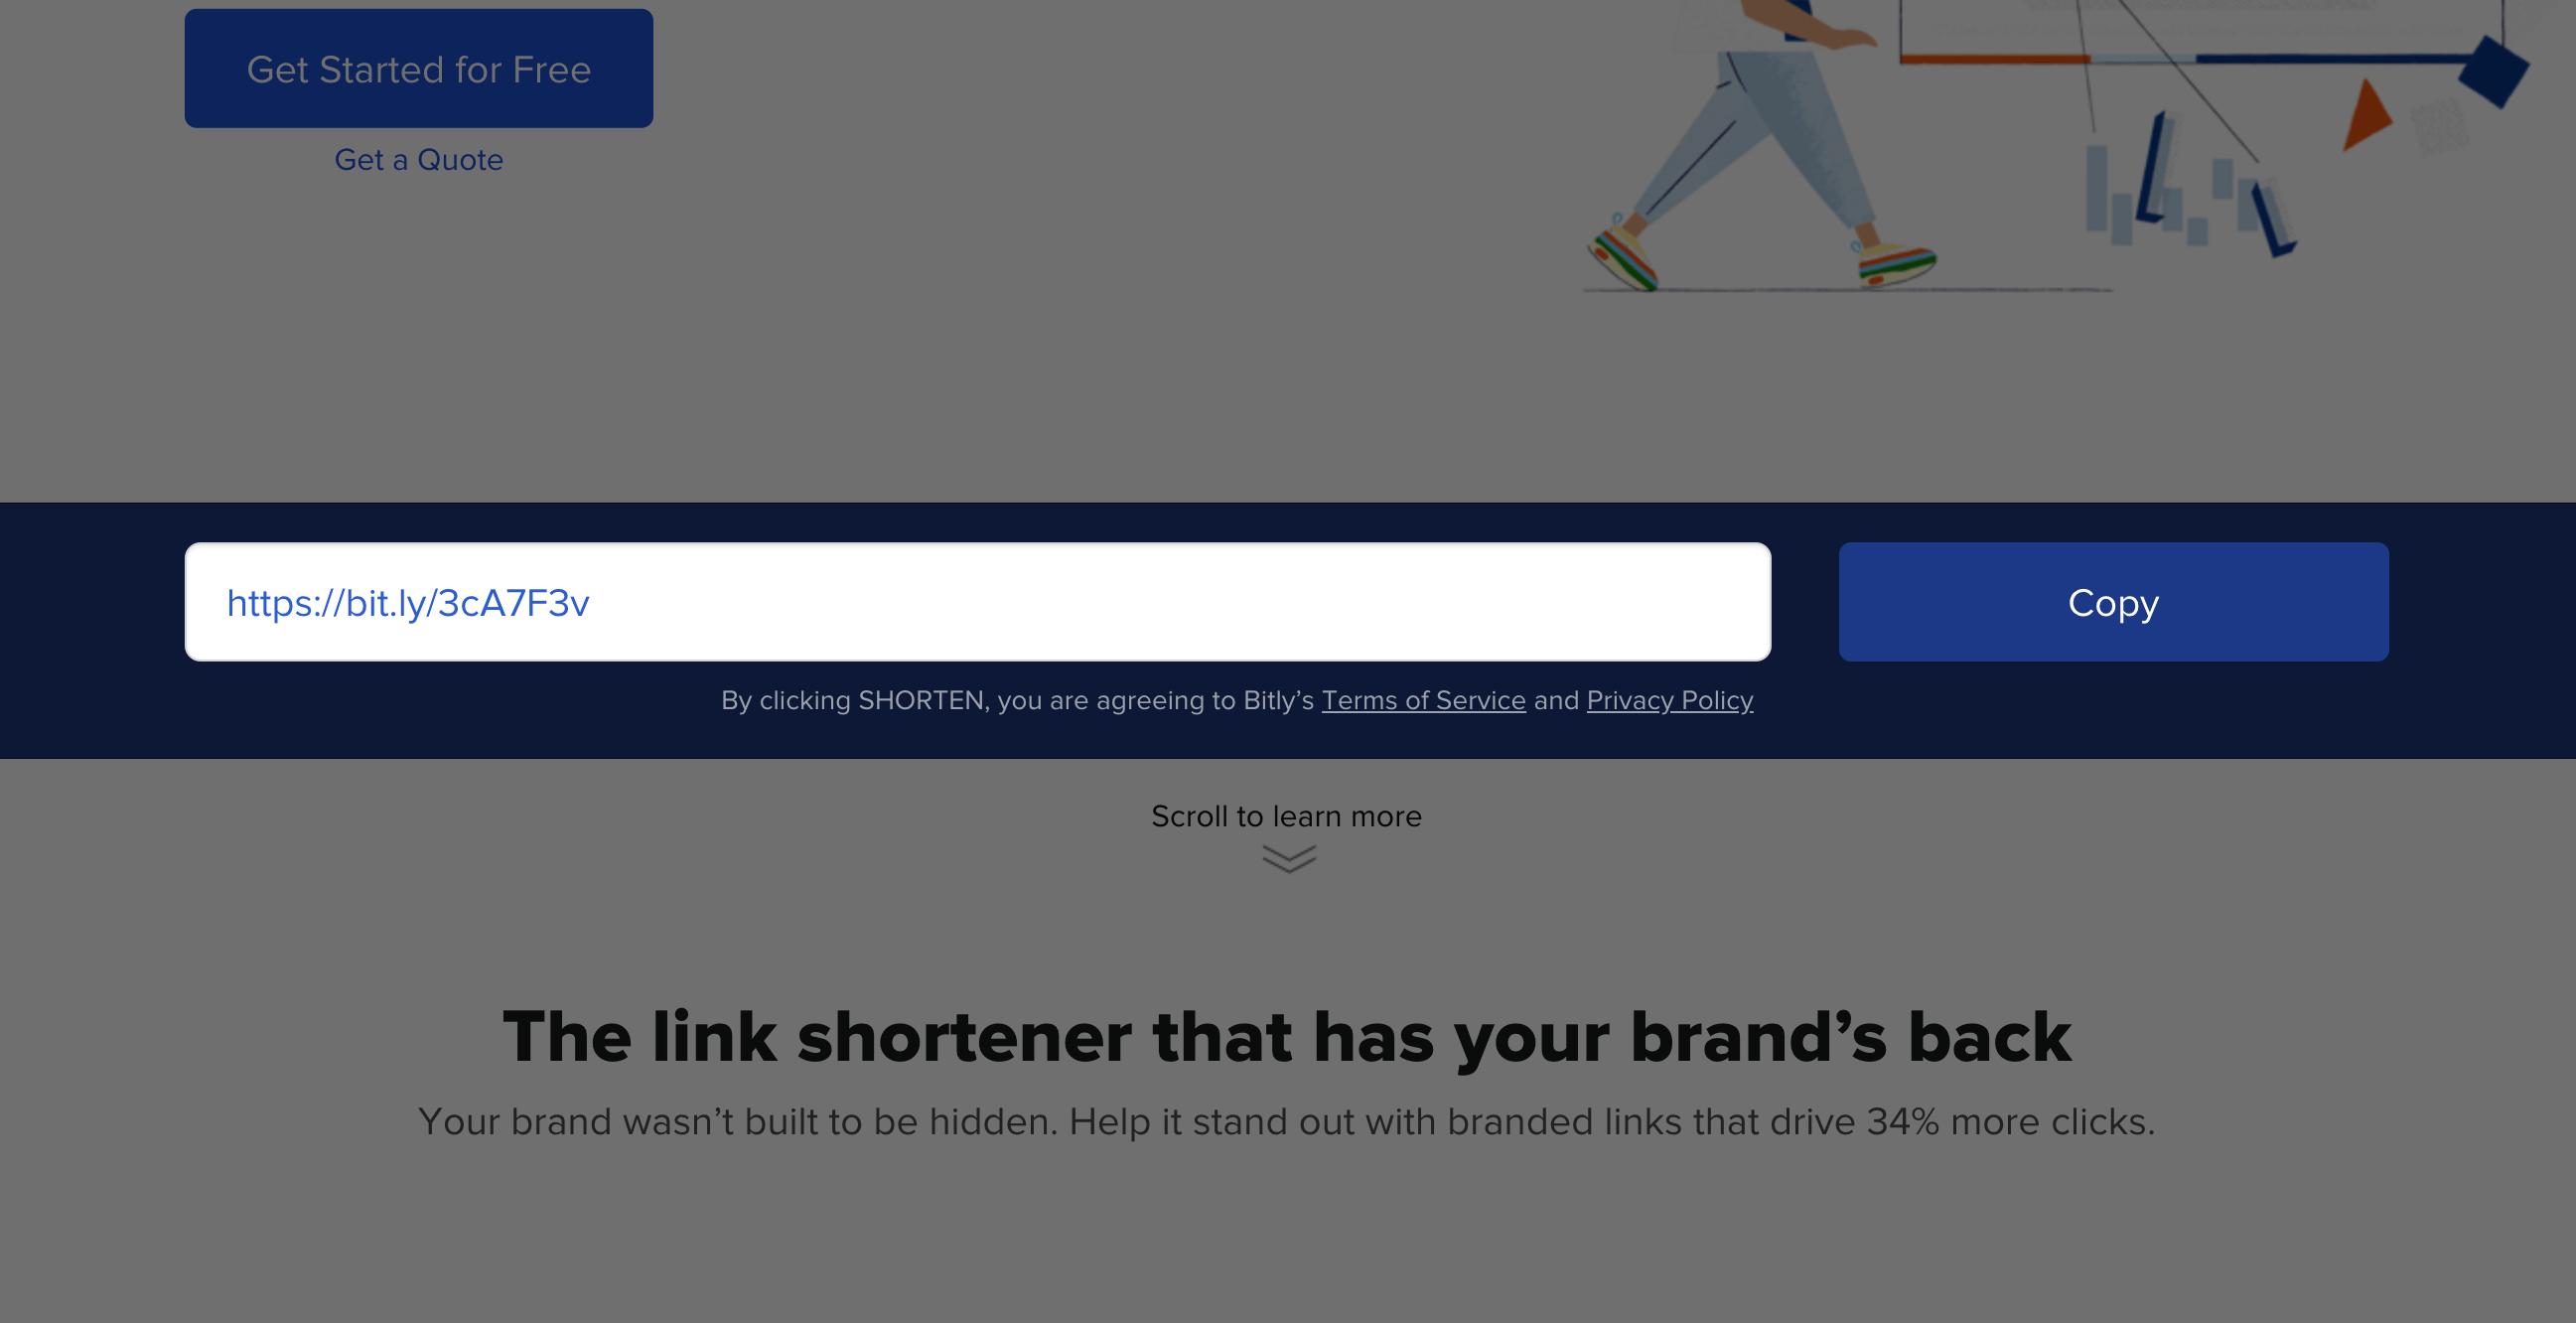 Zeigt eine generierte Beispiel-Kurz-URL auf der Seite des URL-Shorteners bit.ly an.